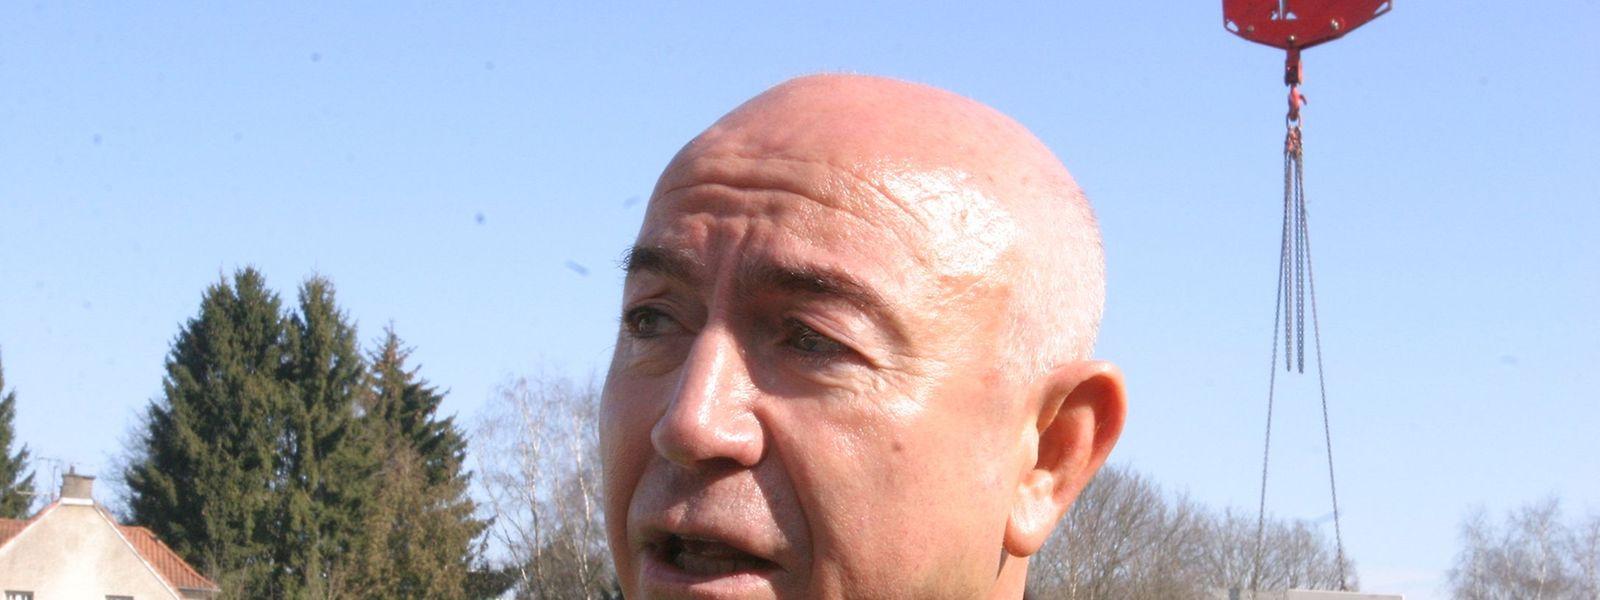 O presidente do Sindicato da Construção de Portugal, Albano Ribeiro, está no Luxemburgo na sequência dos casos de portugueses explorados denunciados pelo CONTACTO